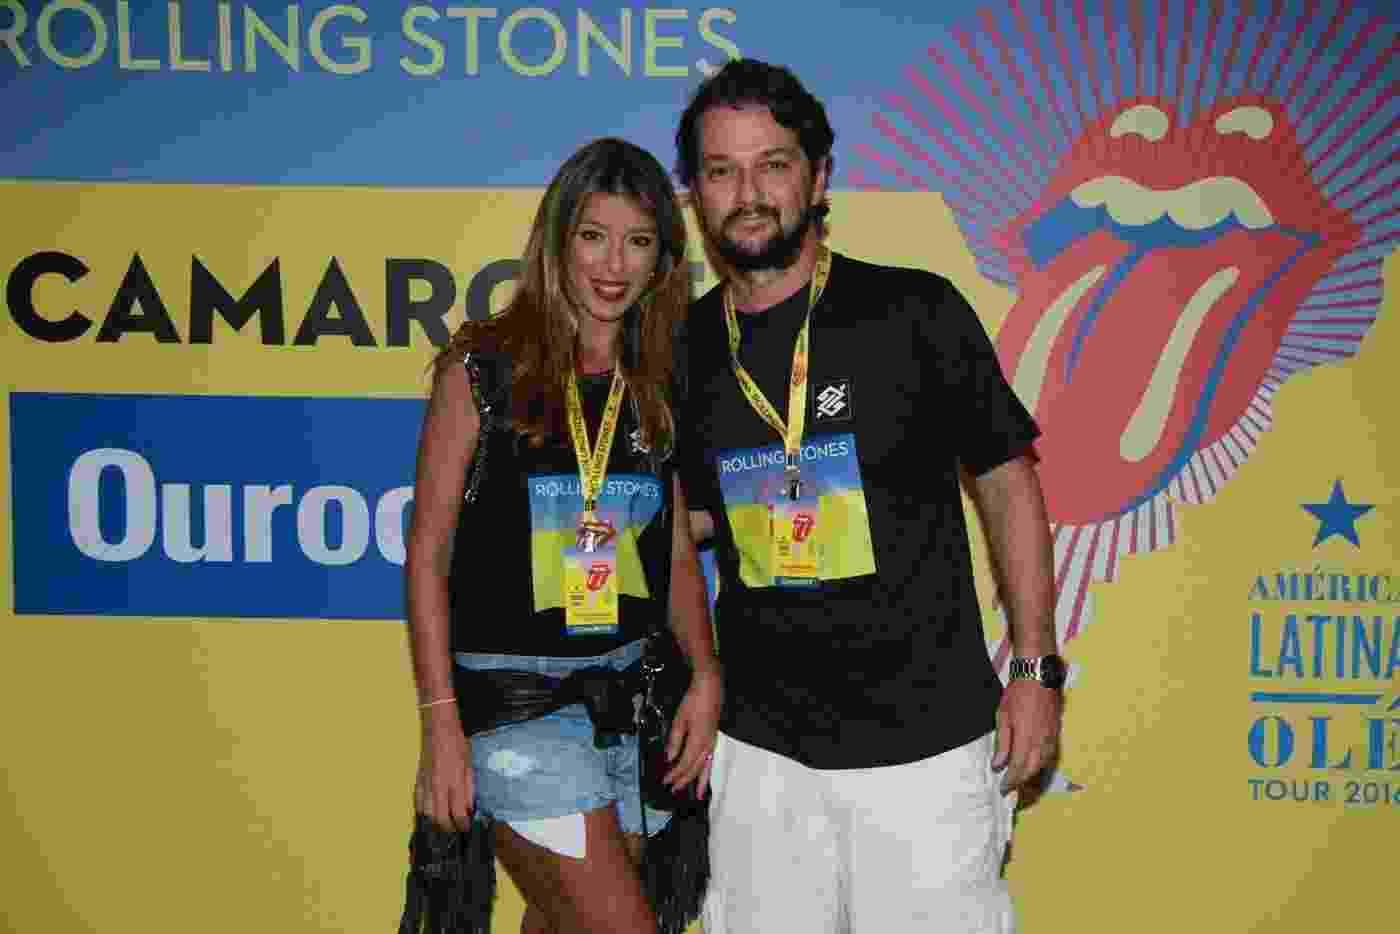 20.fev.2016 - Famosos no show do Rolling Stones no Rio de Janeiro - Thyago Andrade/Brazil News